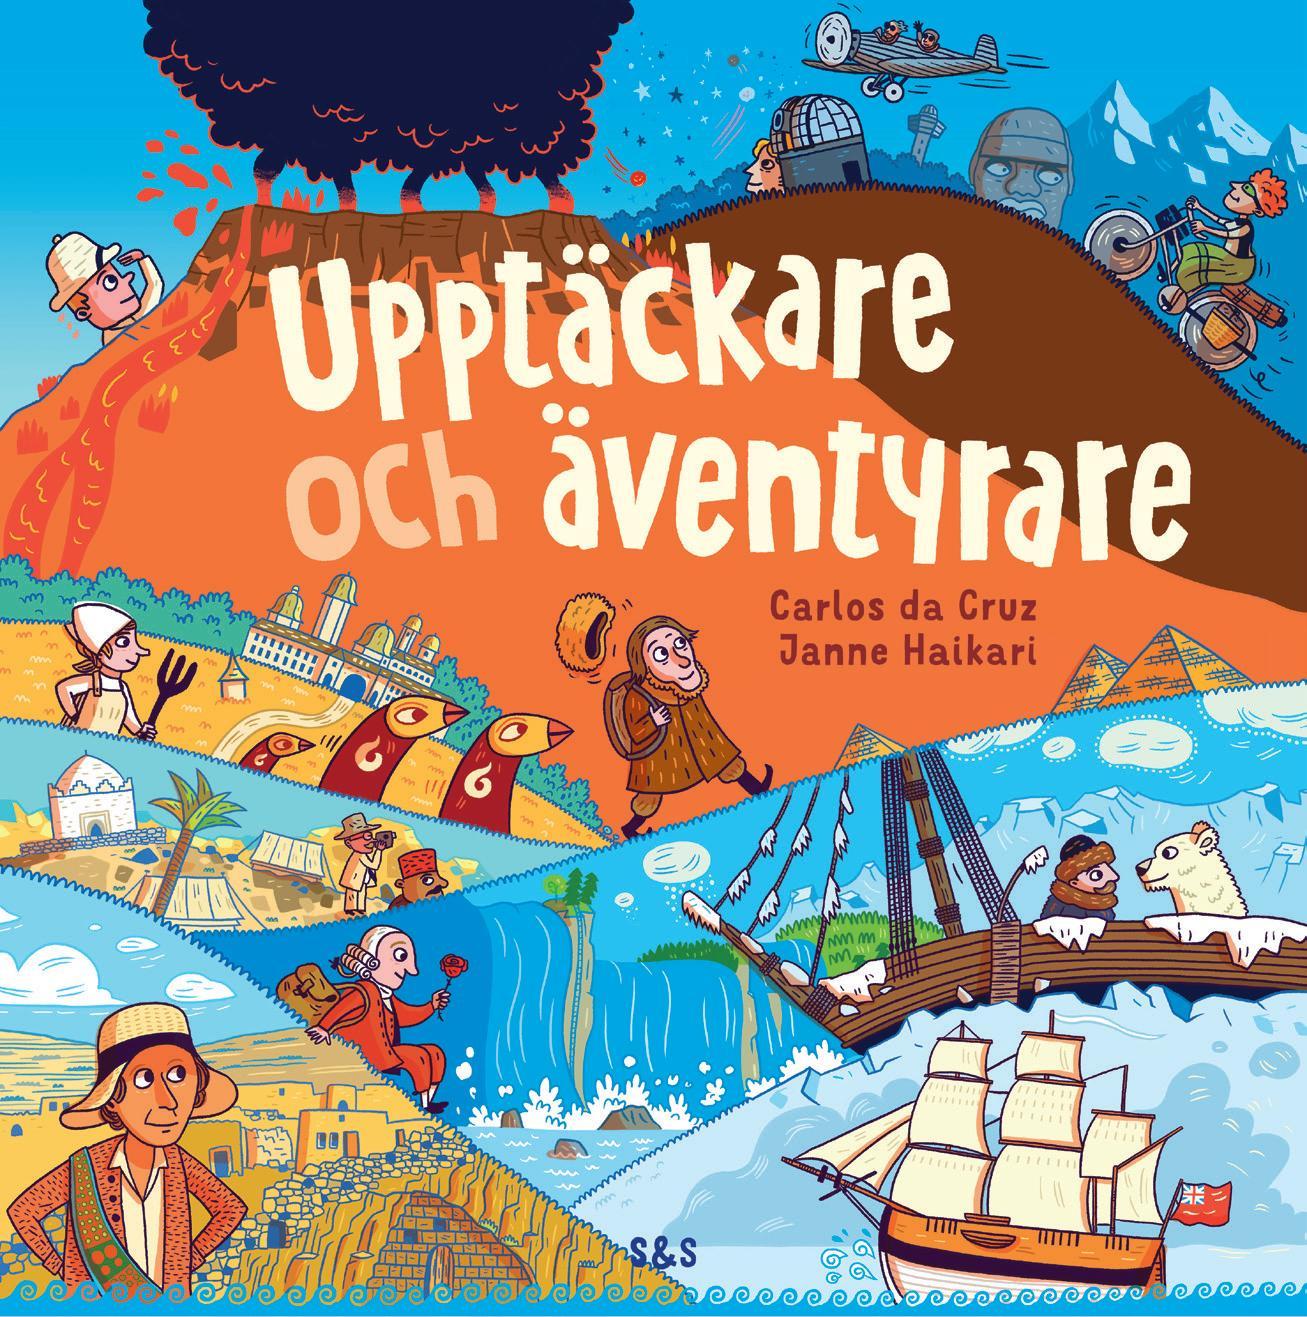 Page 32 of Janne Haikari & Carlos da Cruz Upptäckare ochäventyrare